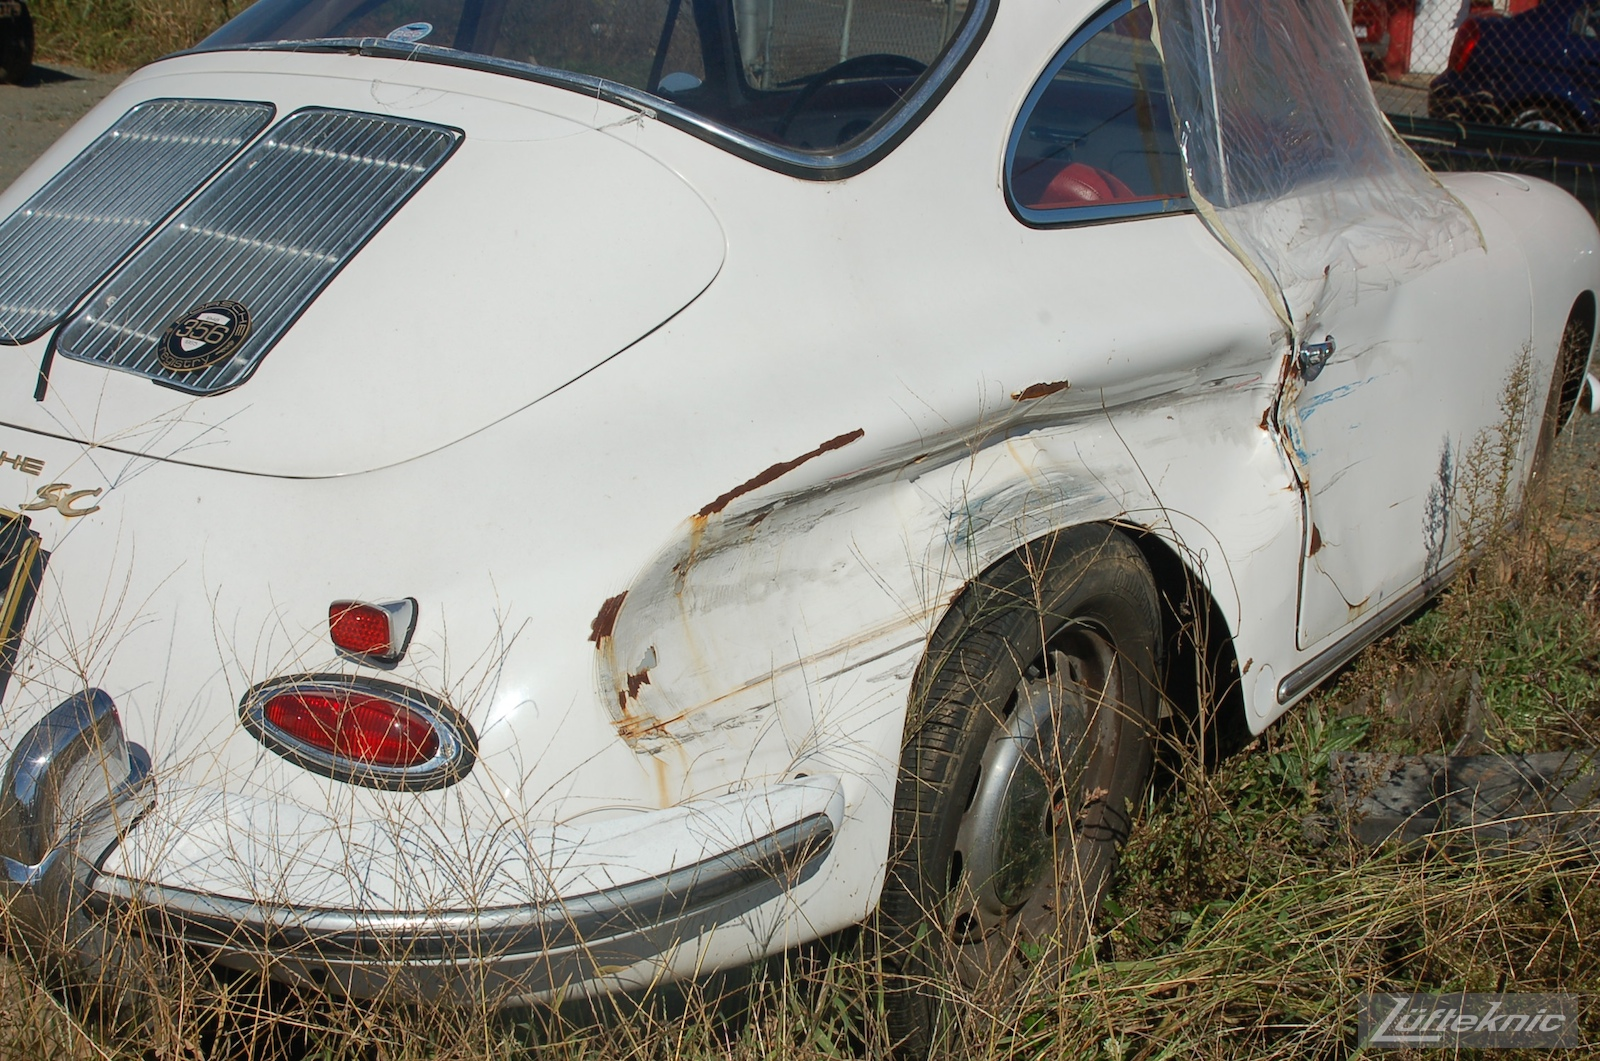 1964 Porsche 356SC restoration as found in a field.